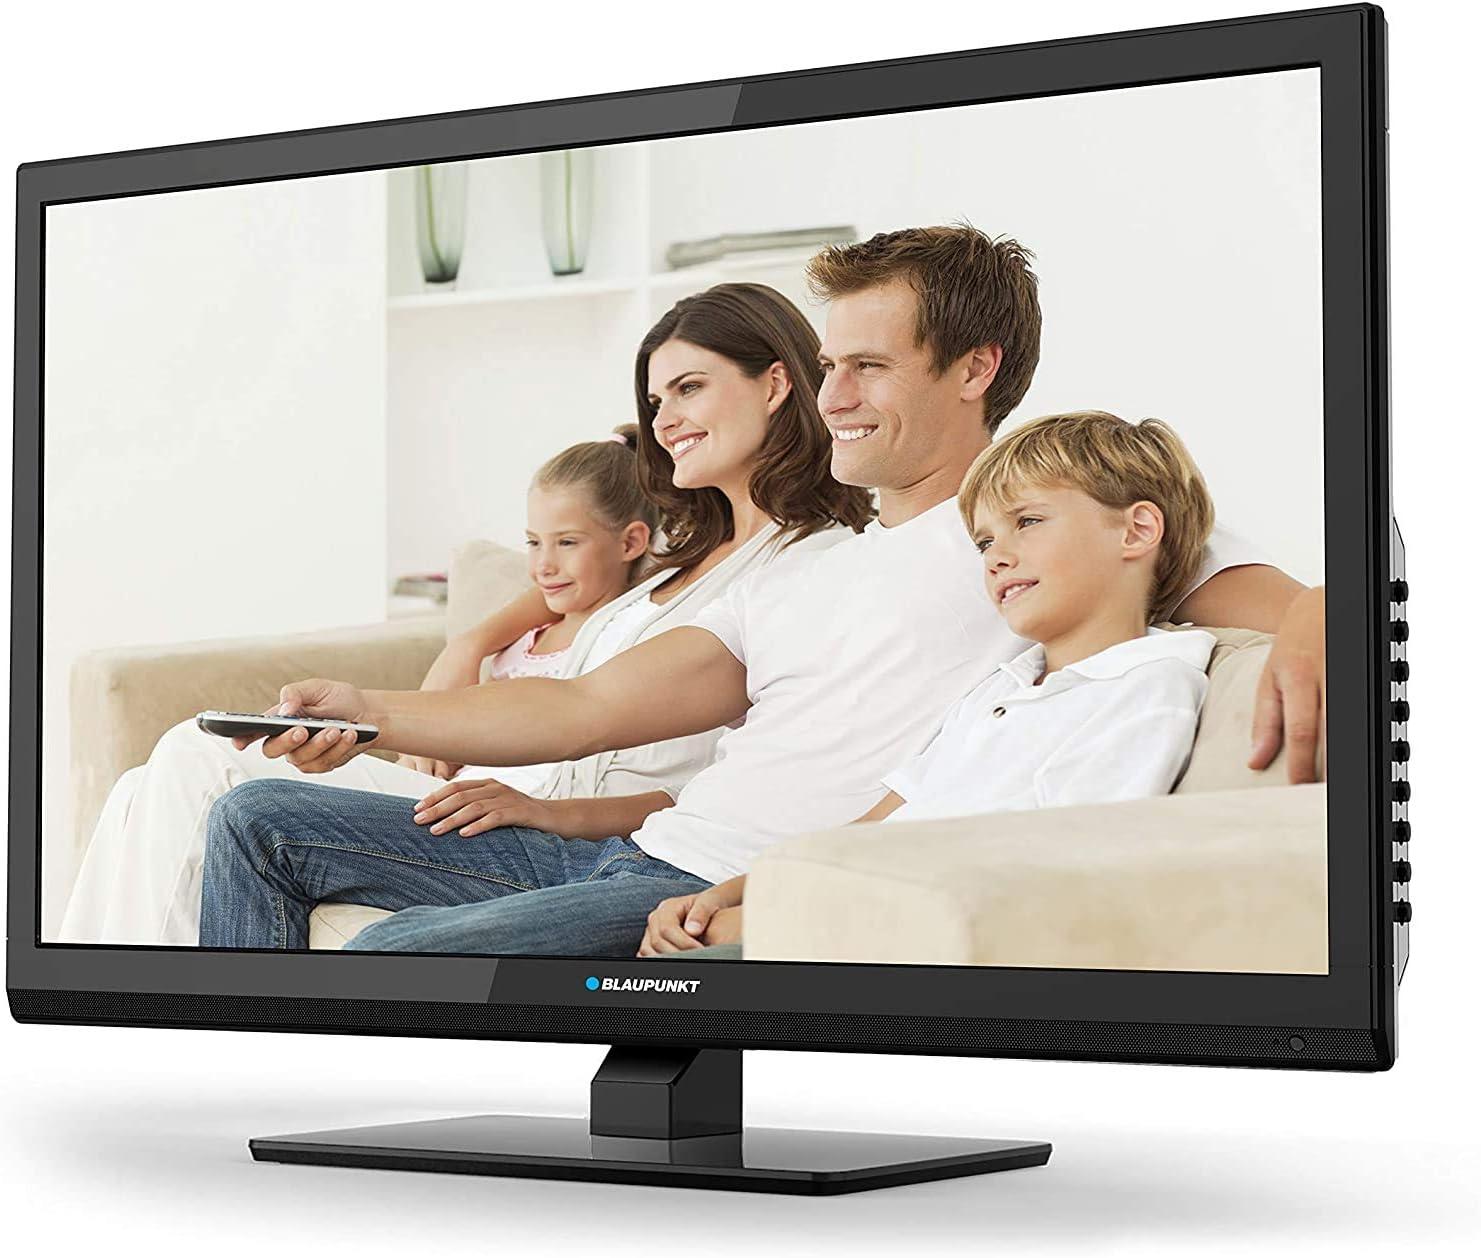 Blaupunkt TV LED 23,6 HD 720p con Dvb-t/t2/c/s2 Hevc (h.265) USB y lector Dvd: Amazon.es: Electrónica